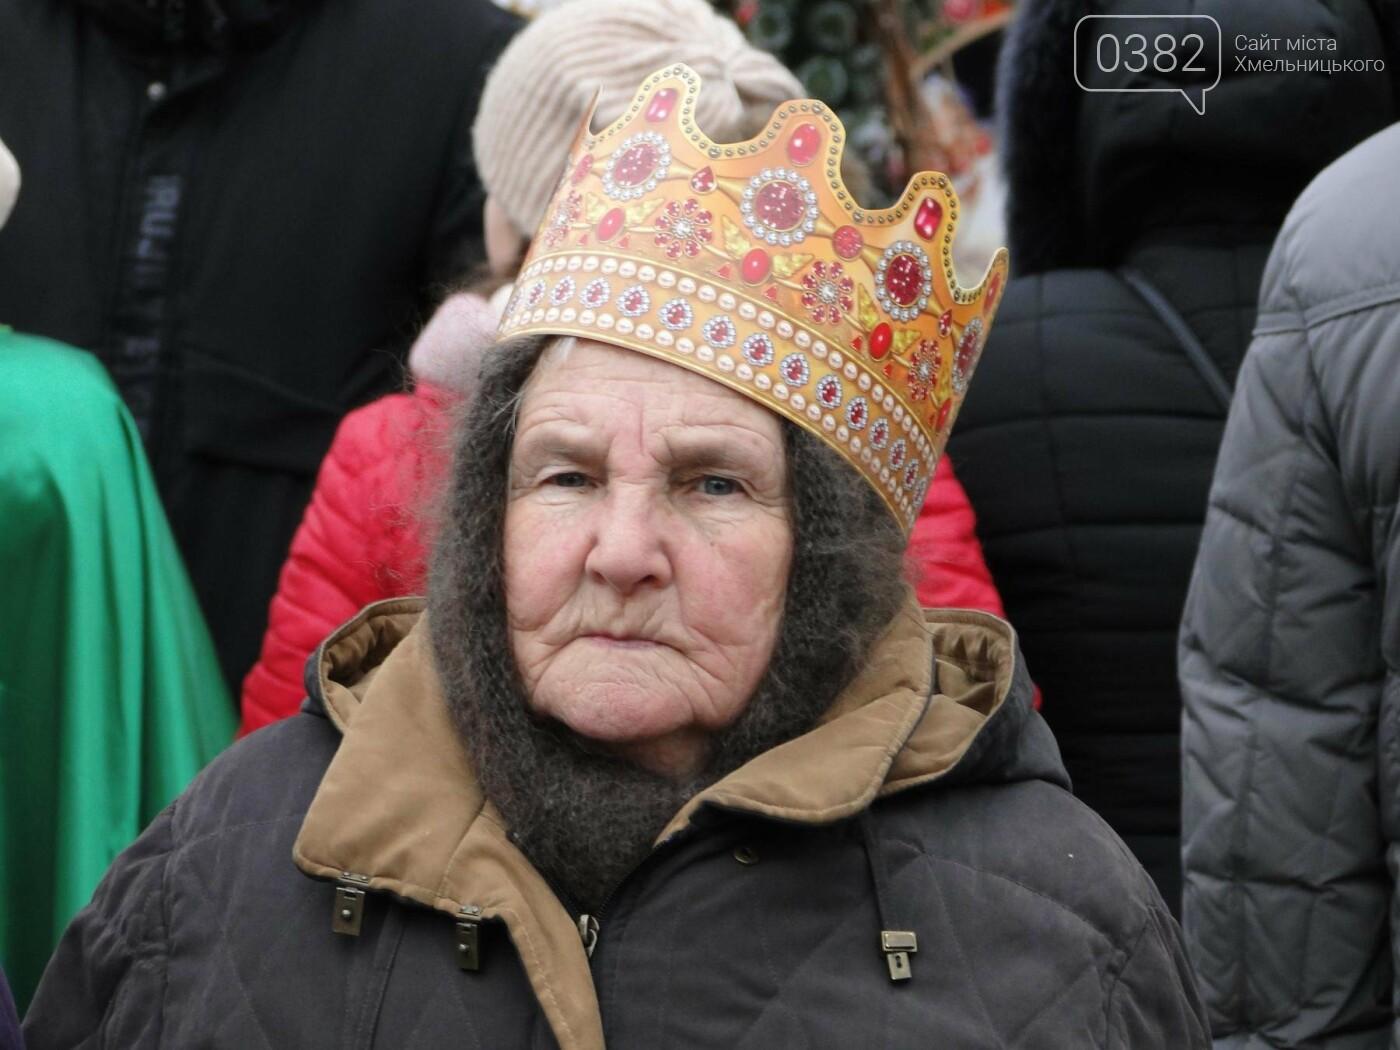 Хмельницьким пройшла святкова хода «Трьох Царів». ФОТО, фото-6